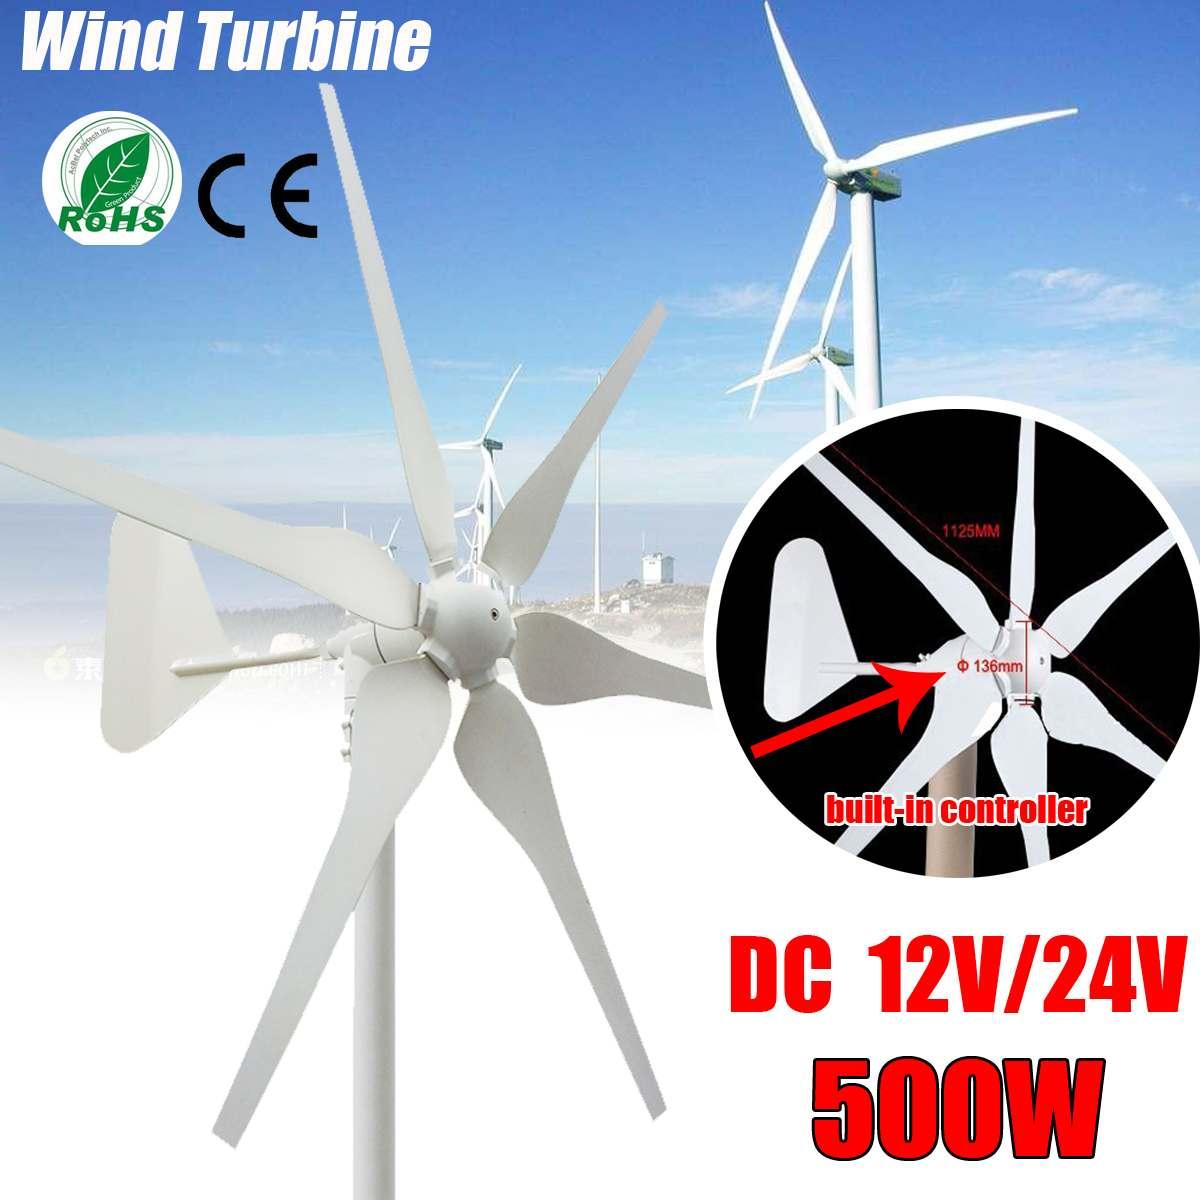 2018 DC éoliennes générateur 6 lames 12 V/24 V 500W éoliennes miniatures maison résidentielle avec contrôleur pour un usage domestique